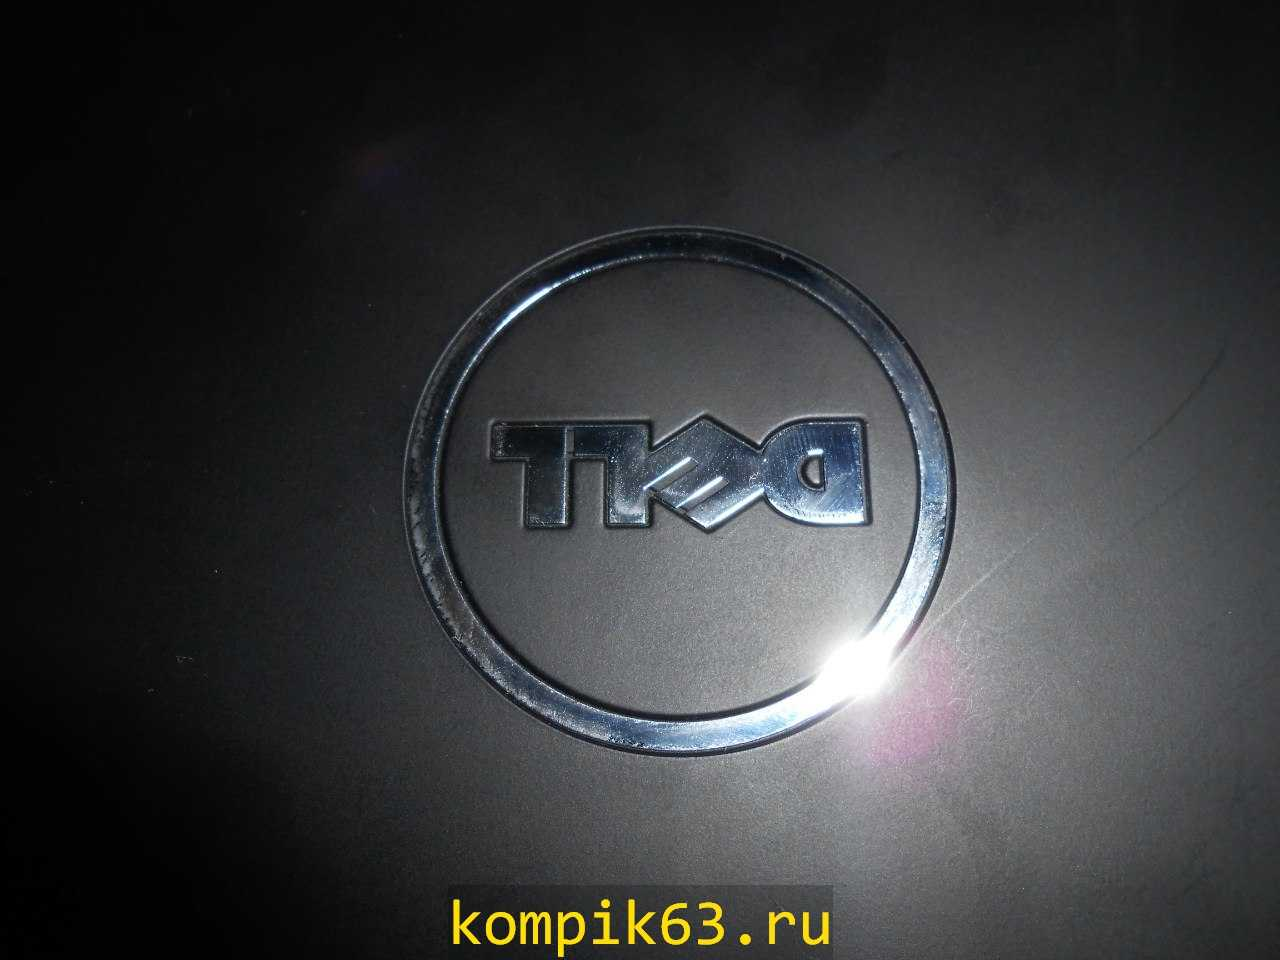 kompik63.ru-120